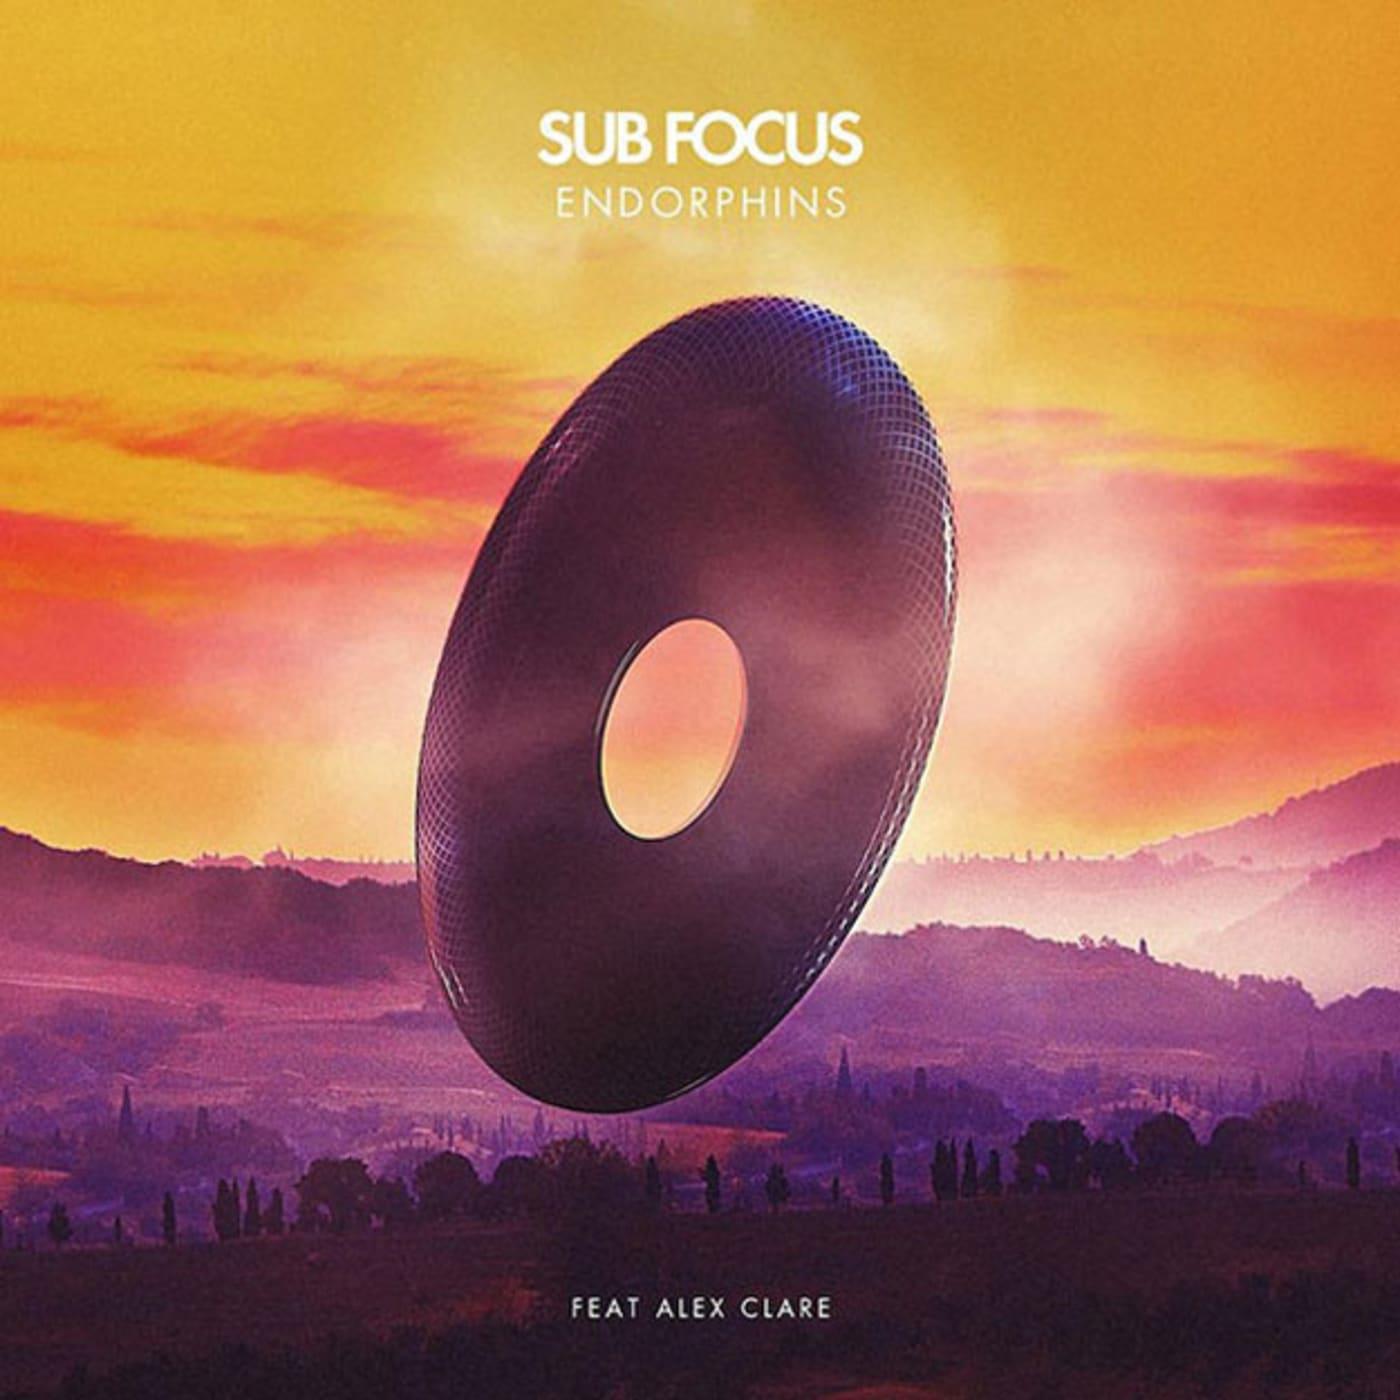 sub focus endorphins